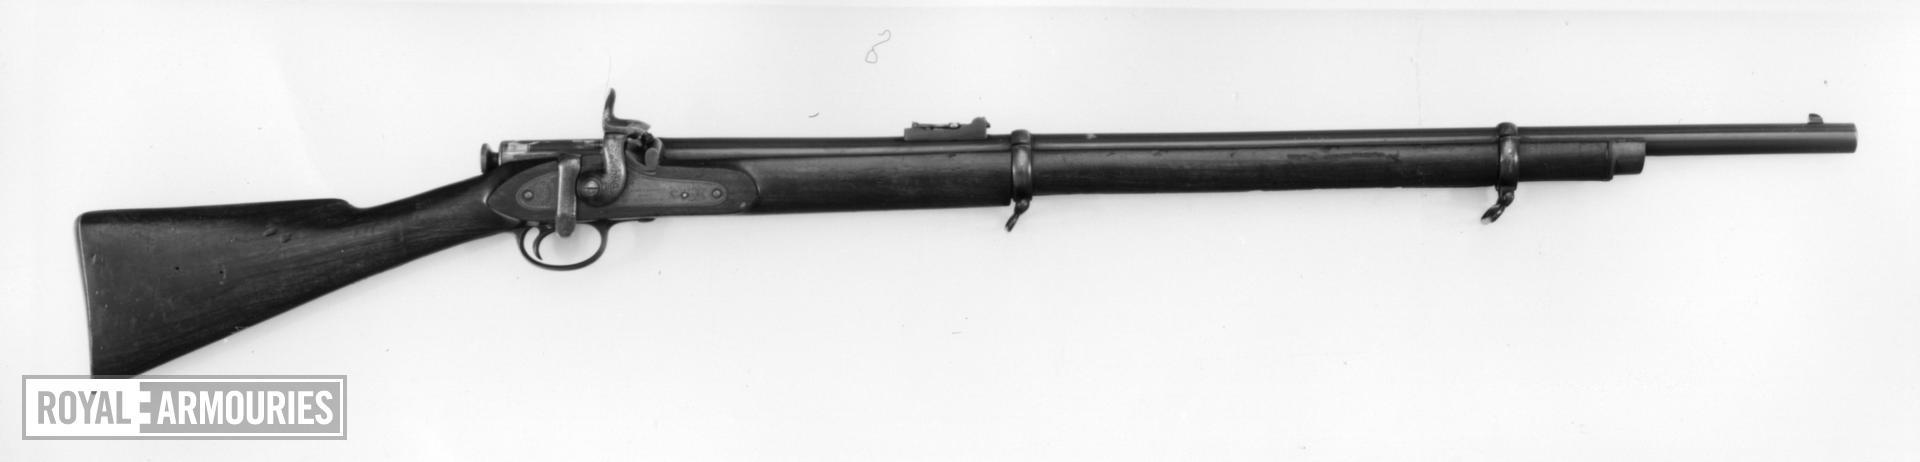 Percussion breech-loading military rifle - Albini Patent